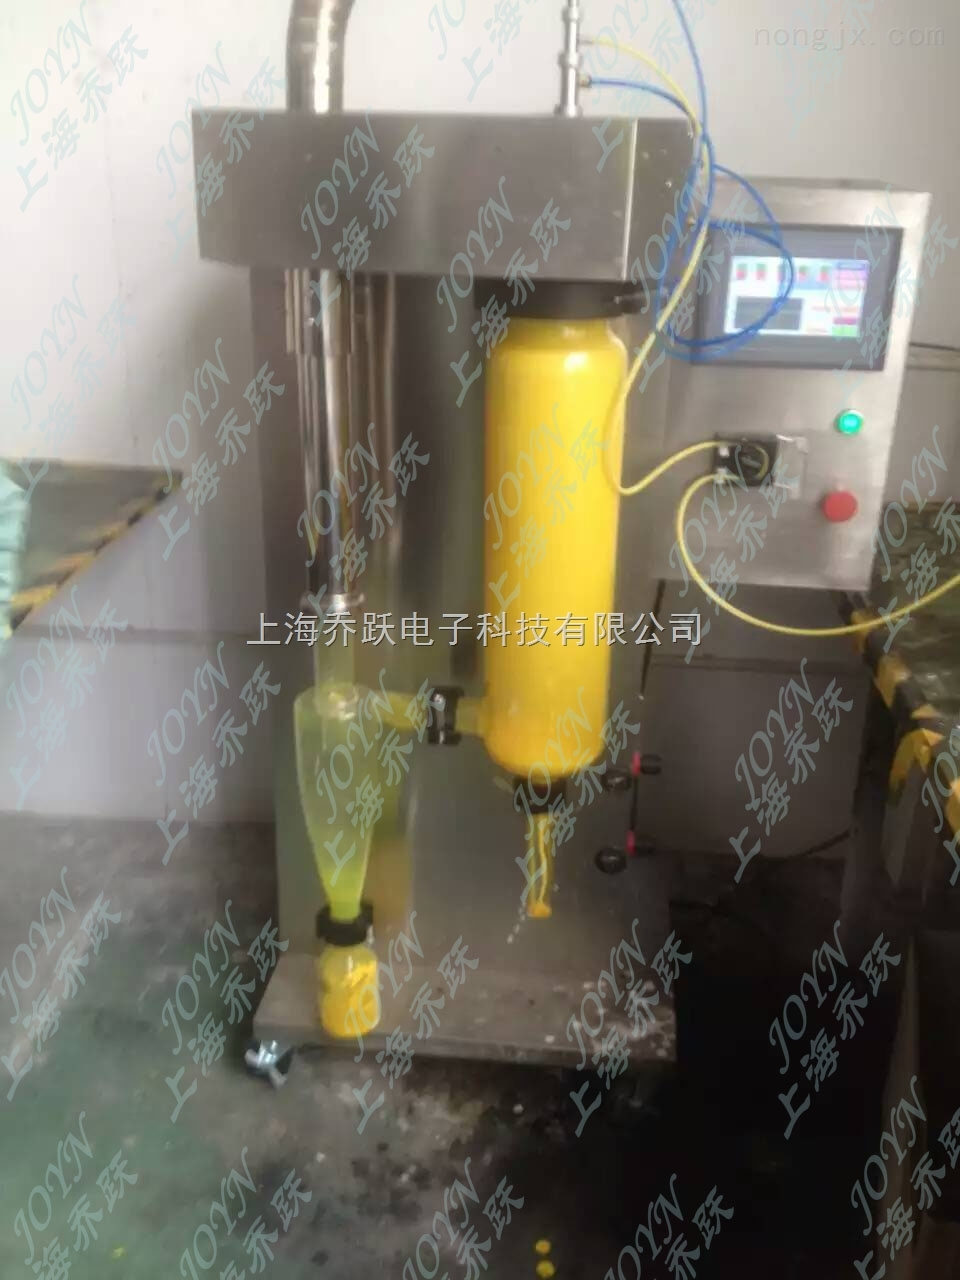 浙江化工厂用小型喷雾干燥机,造粒式高效能喷雾干燥机价格